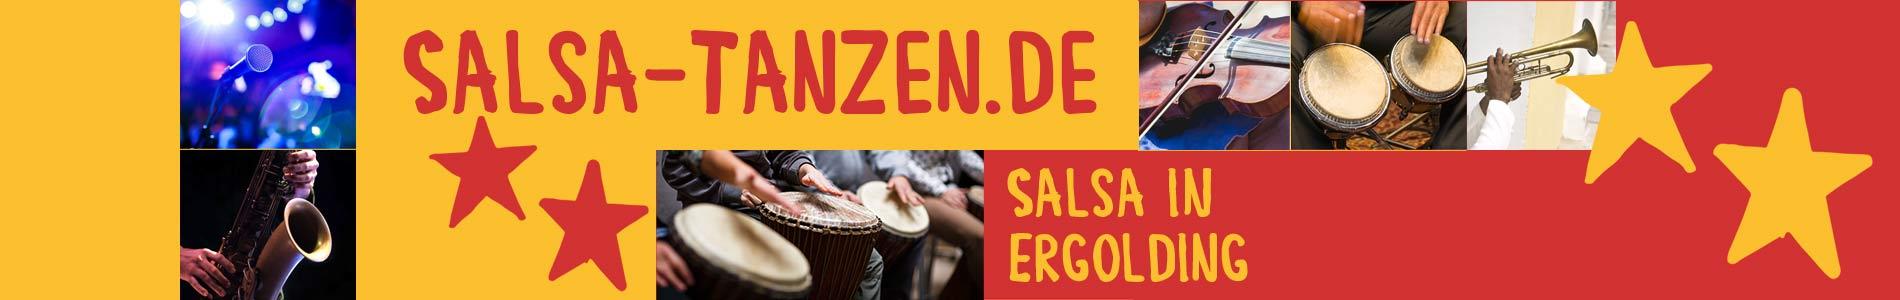 Salsa in Ergolding – Salsa lernen und tanzen, Tanzkurse, Partys, Veranstaltungen